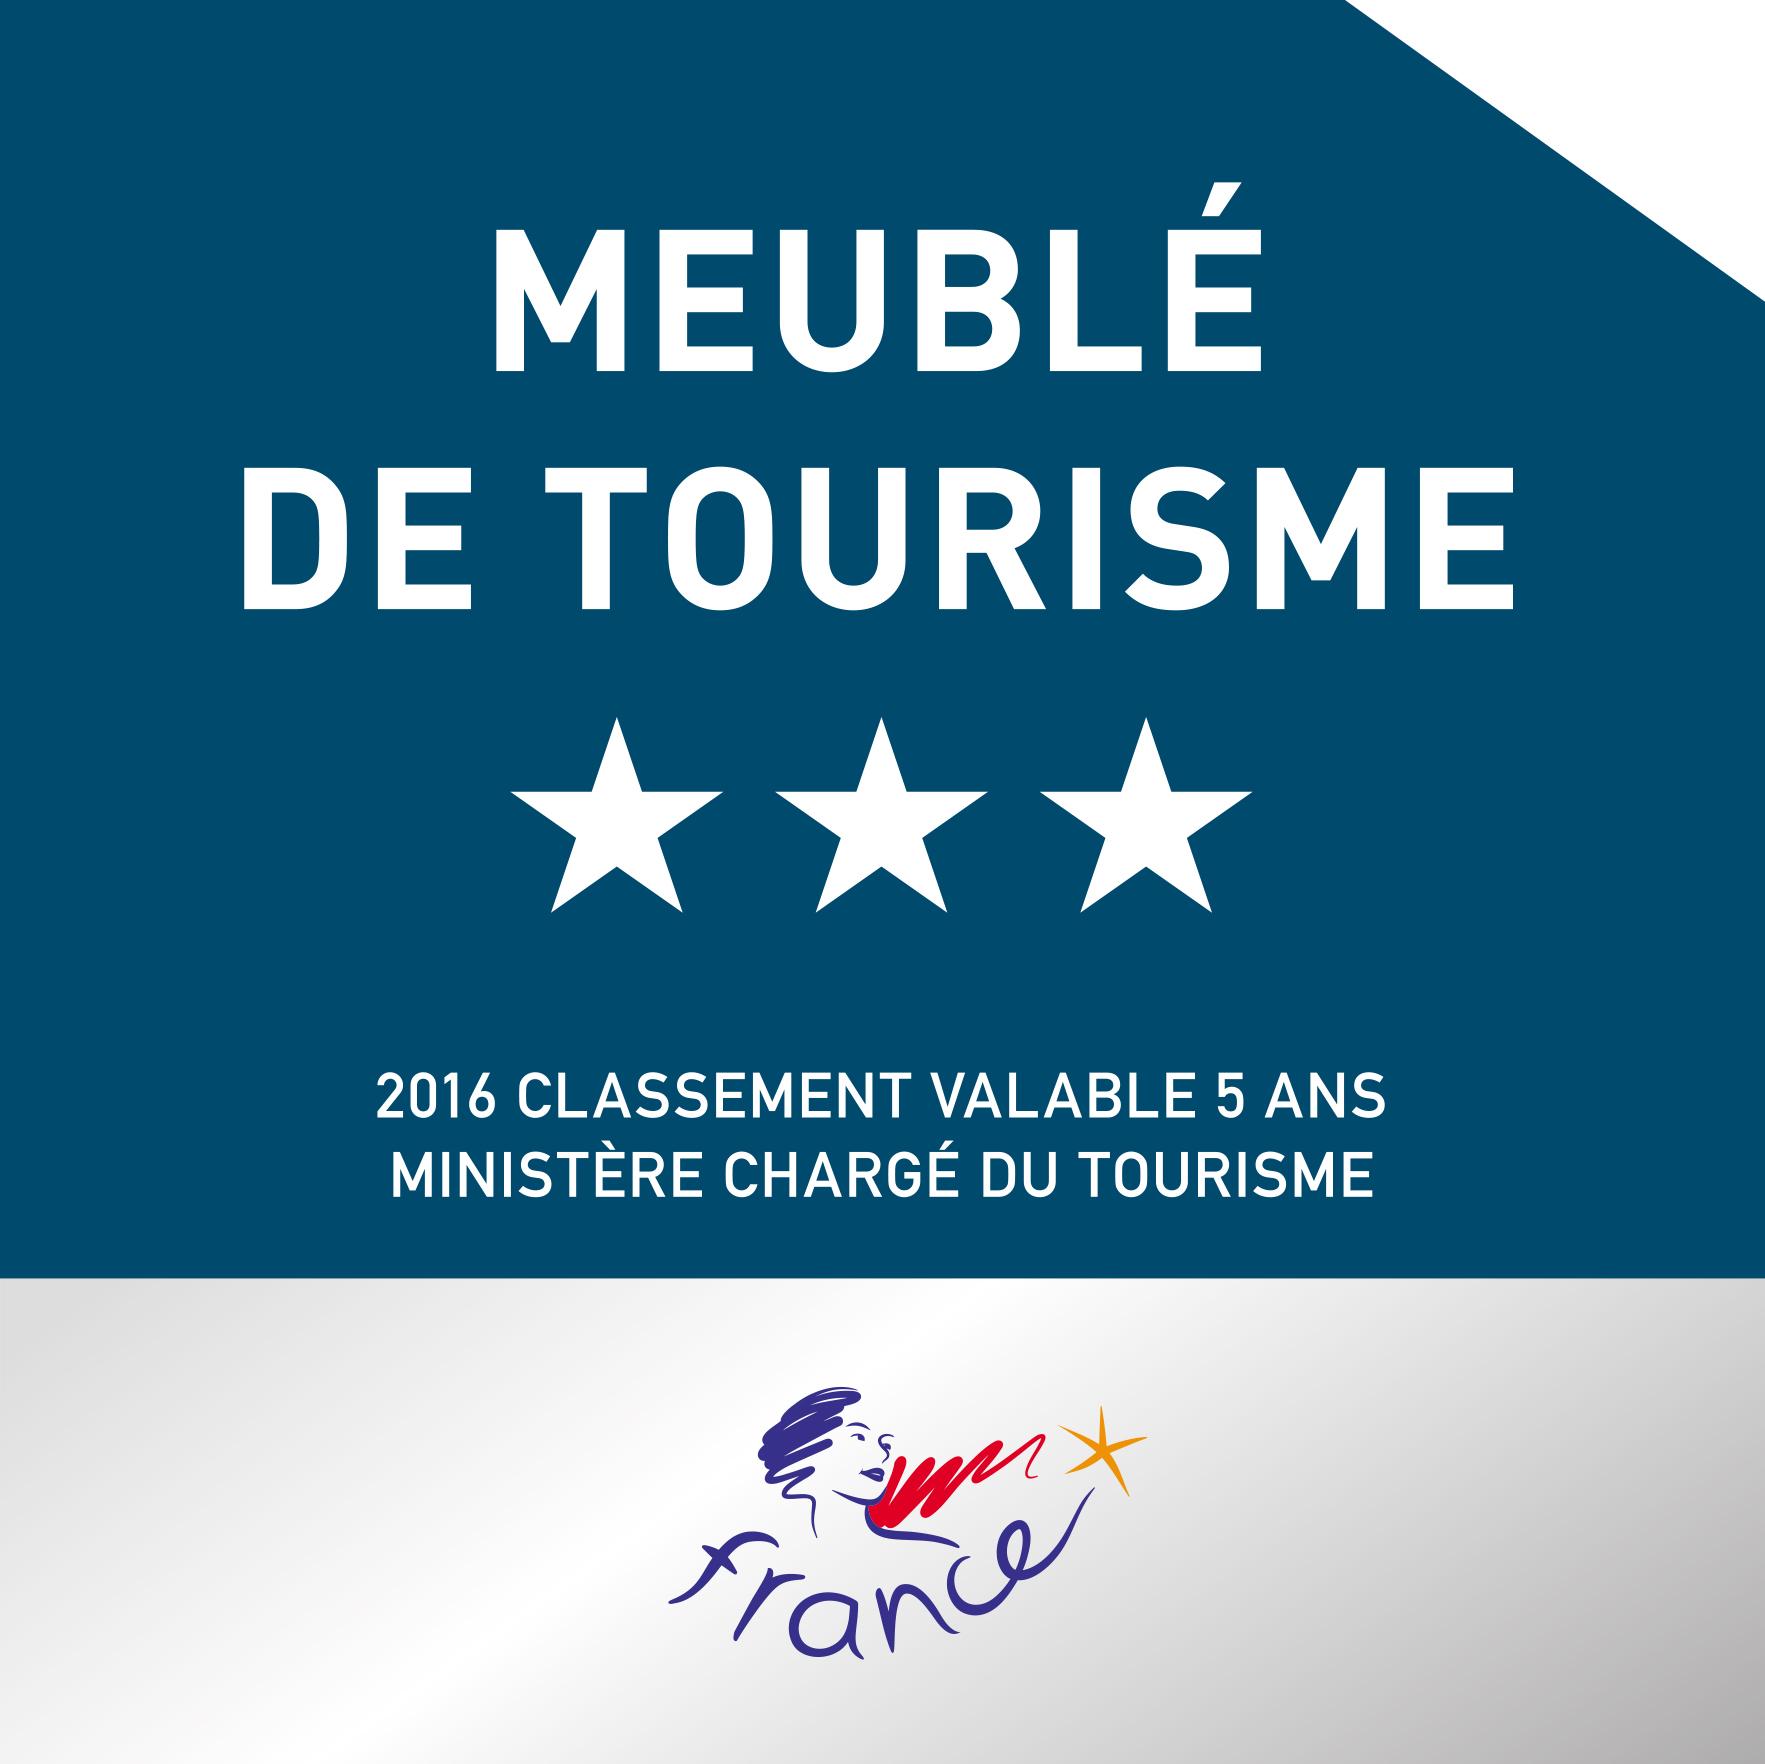 Plaque meuble tourisme3 2016 v